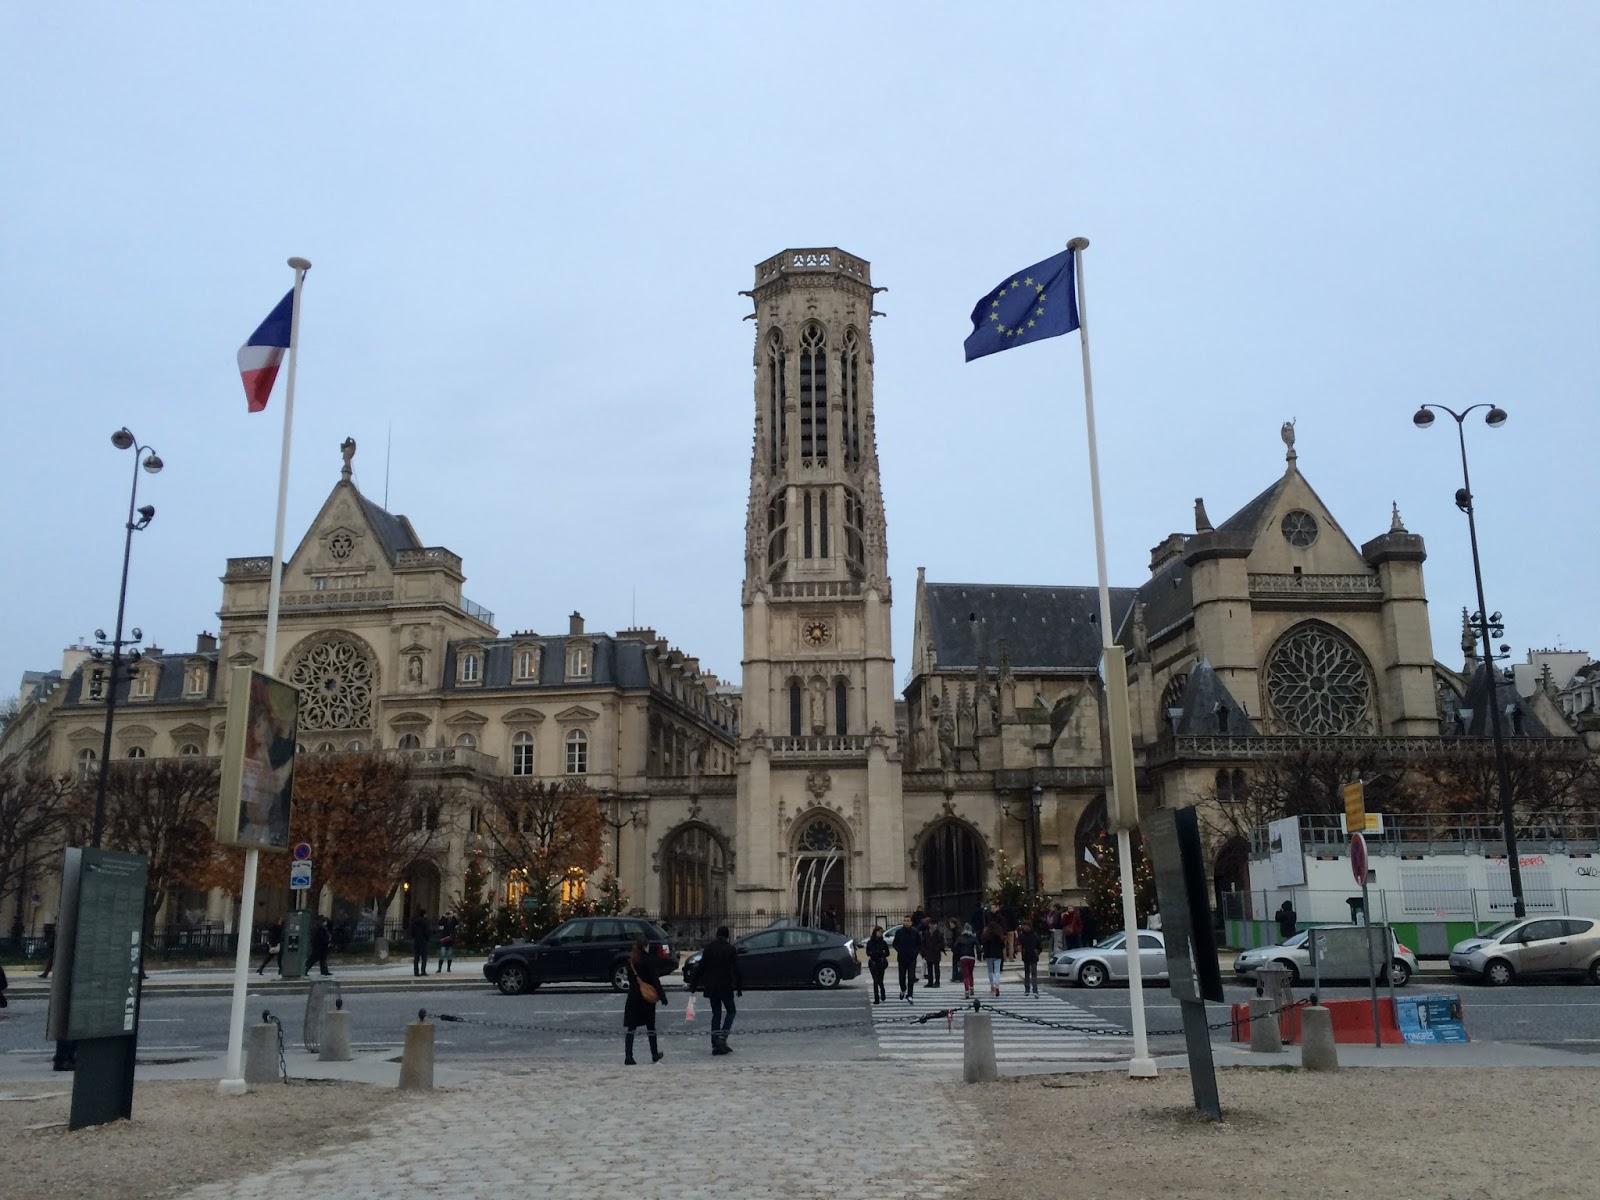 サンジェルマン・ロクセロワ教会(Église Saint-Germain-l'Auxerrois de Paris)